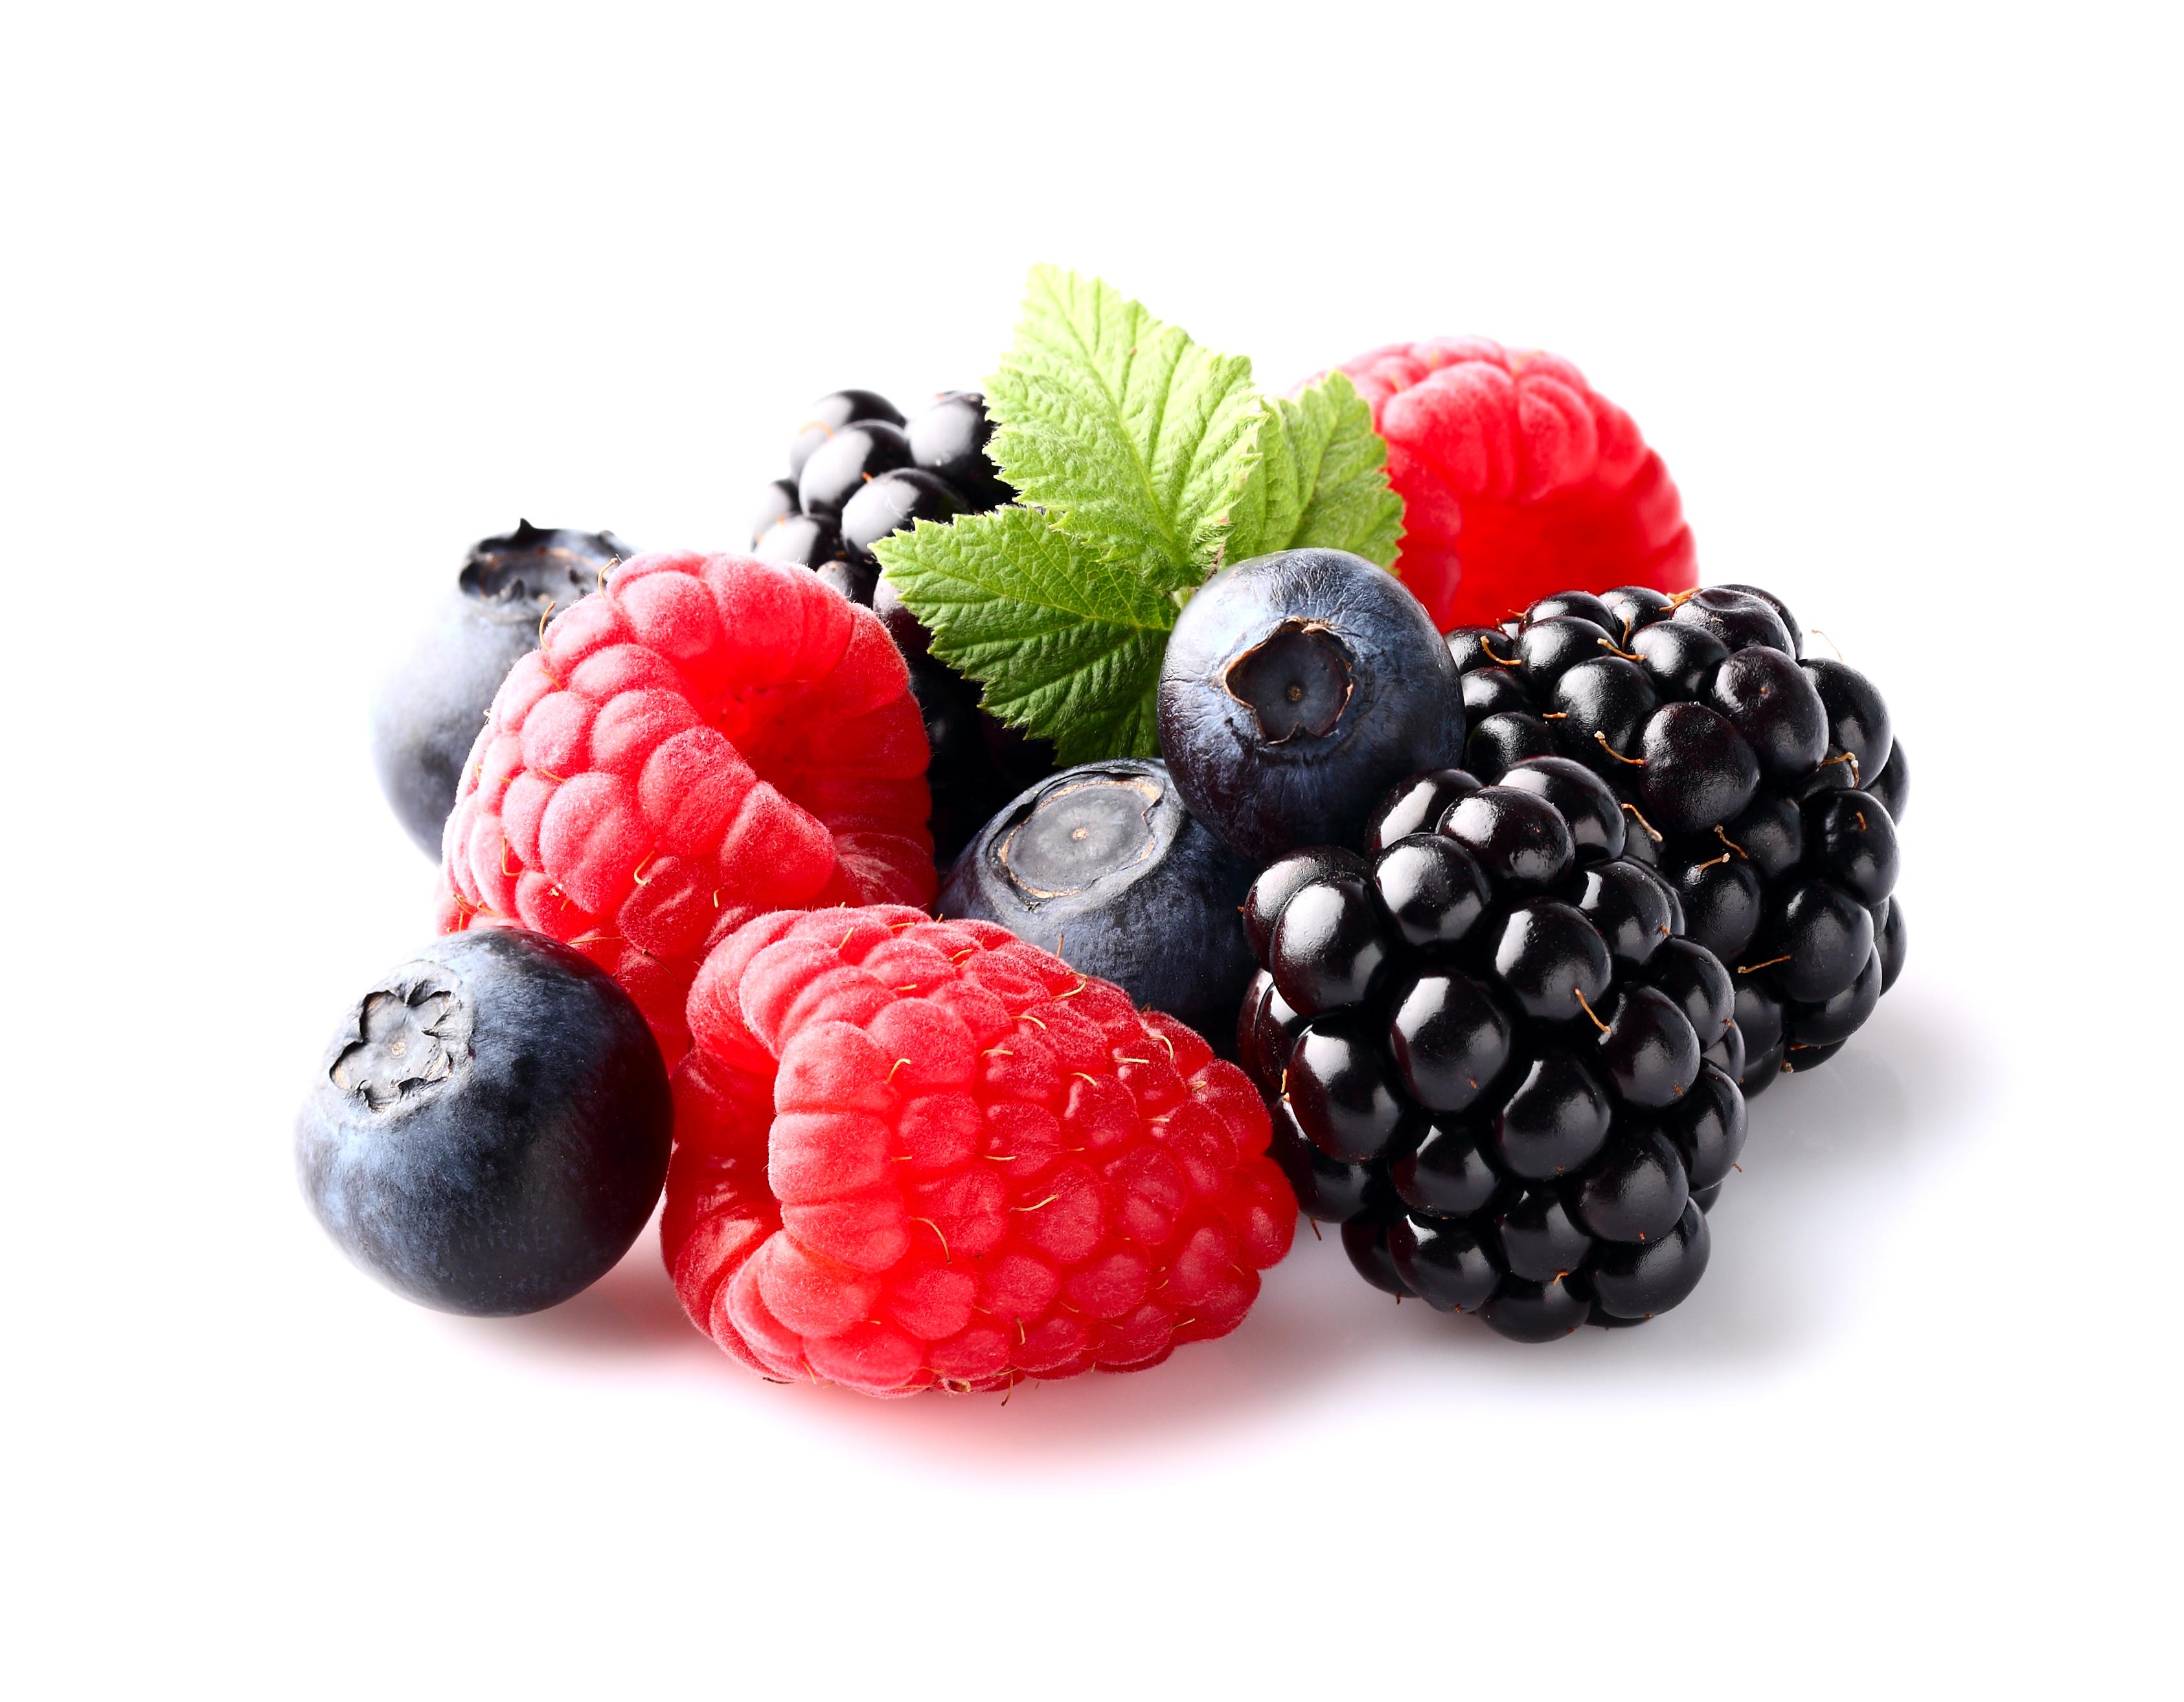 La dieta mediterr nea y los polifenoles reducen el riesgo for Arbol de frutos rojos pequenos